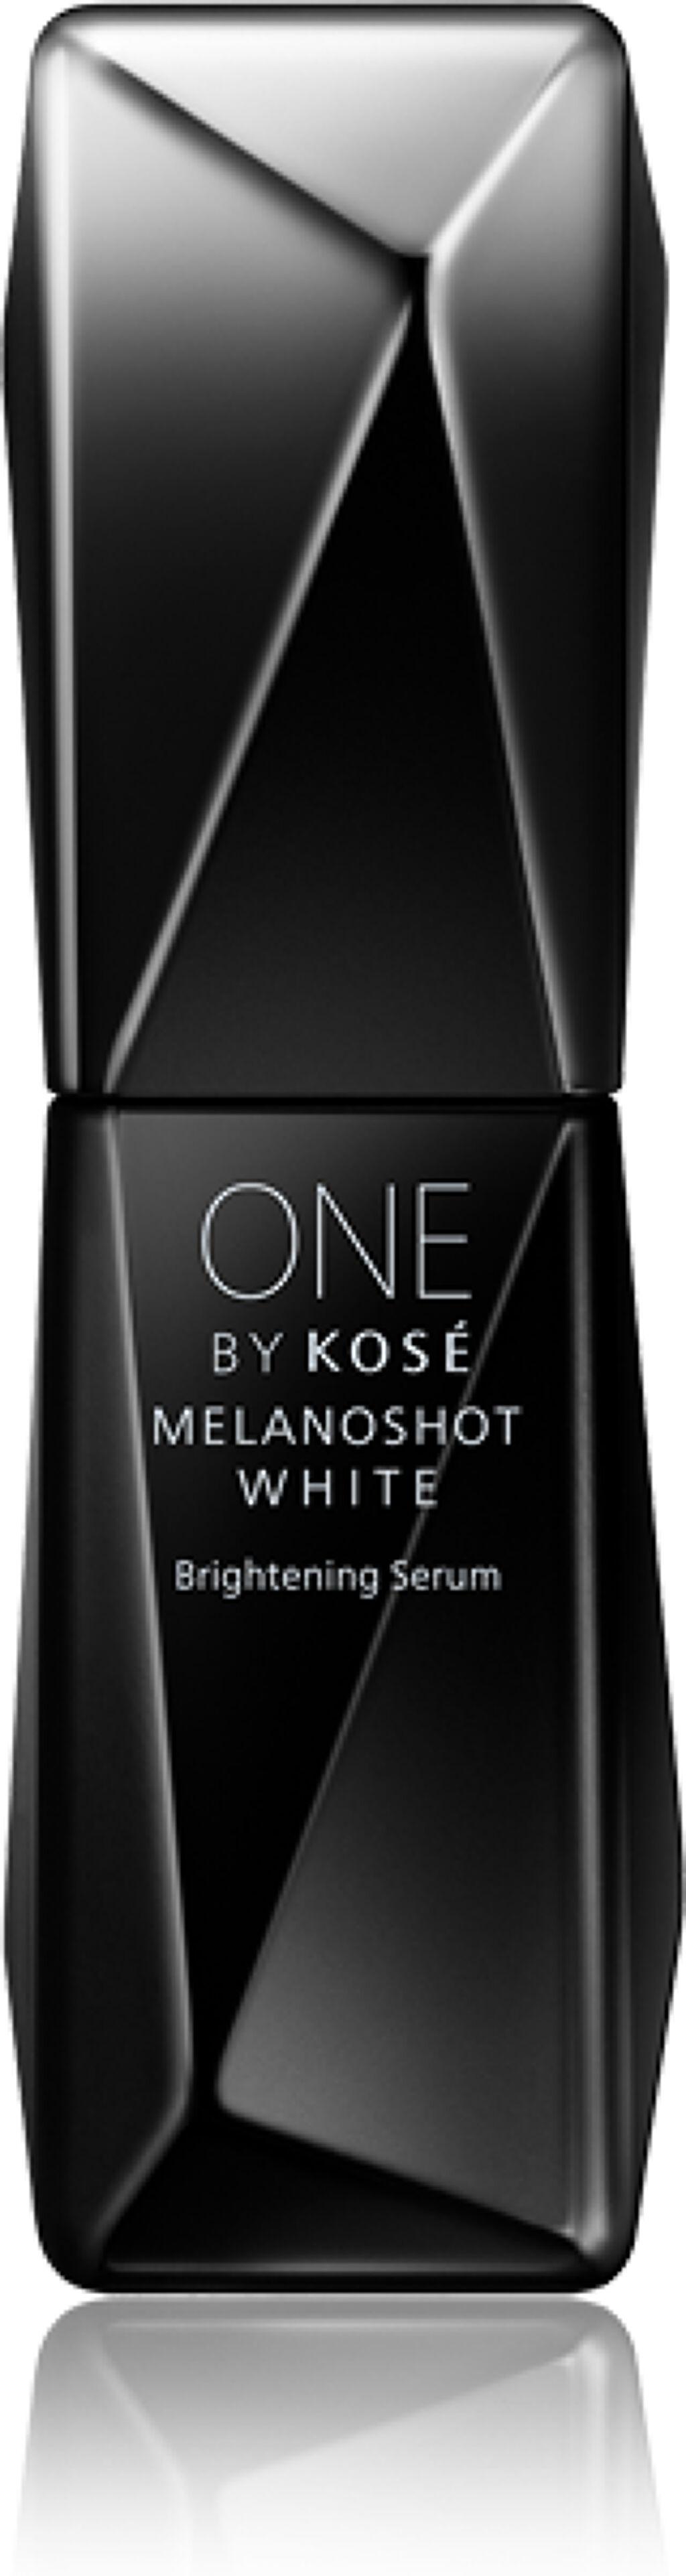 メラノショット ホワイト D ONE BY KOSE